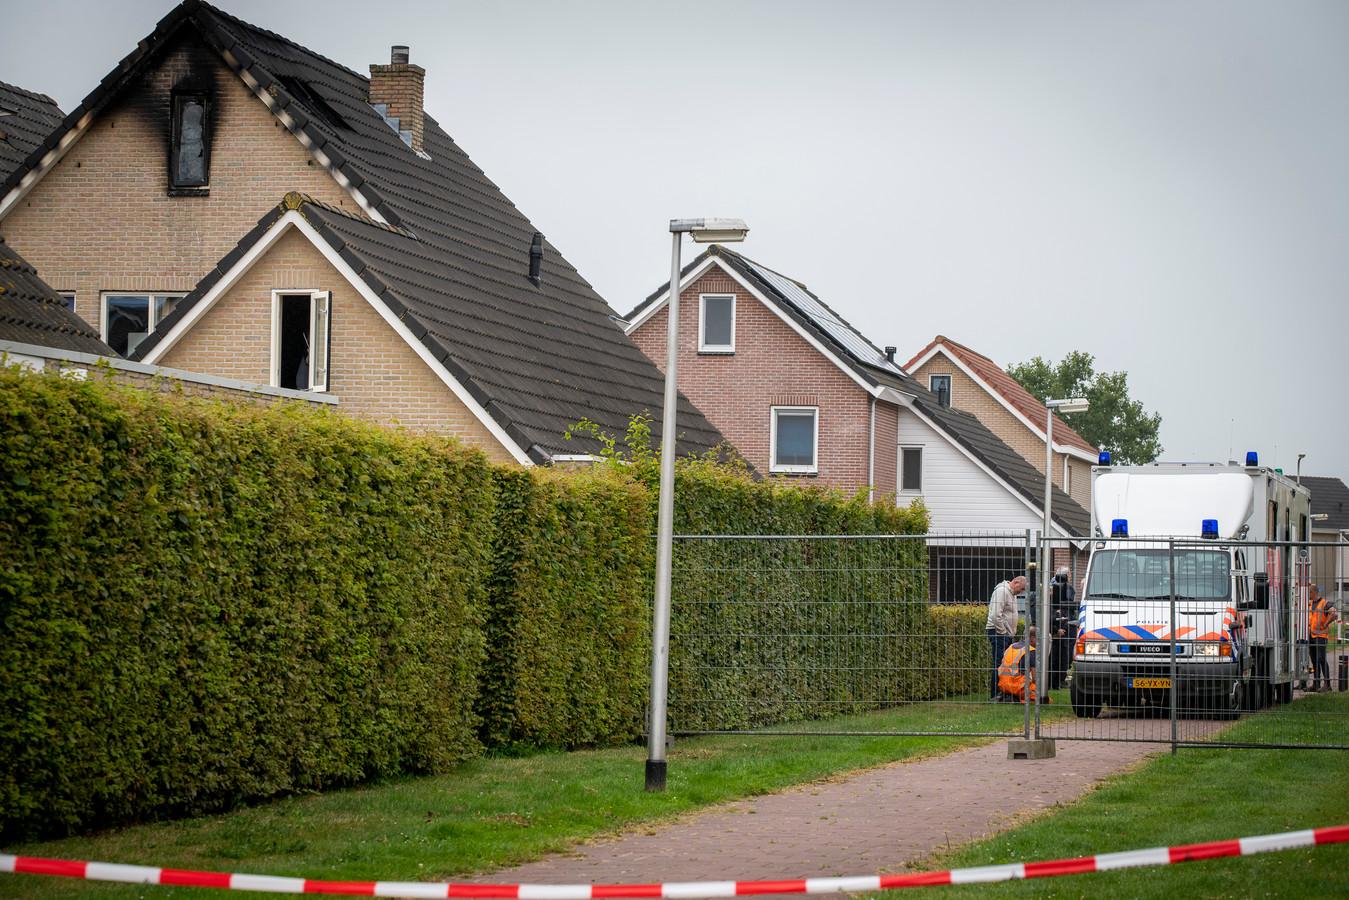 Bij de woningbrand in Nieuwleusen kwam een 22-jarige man om het leven.